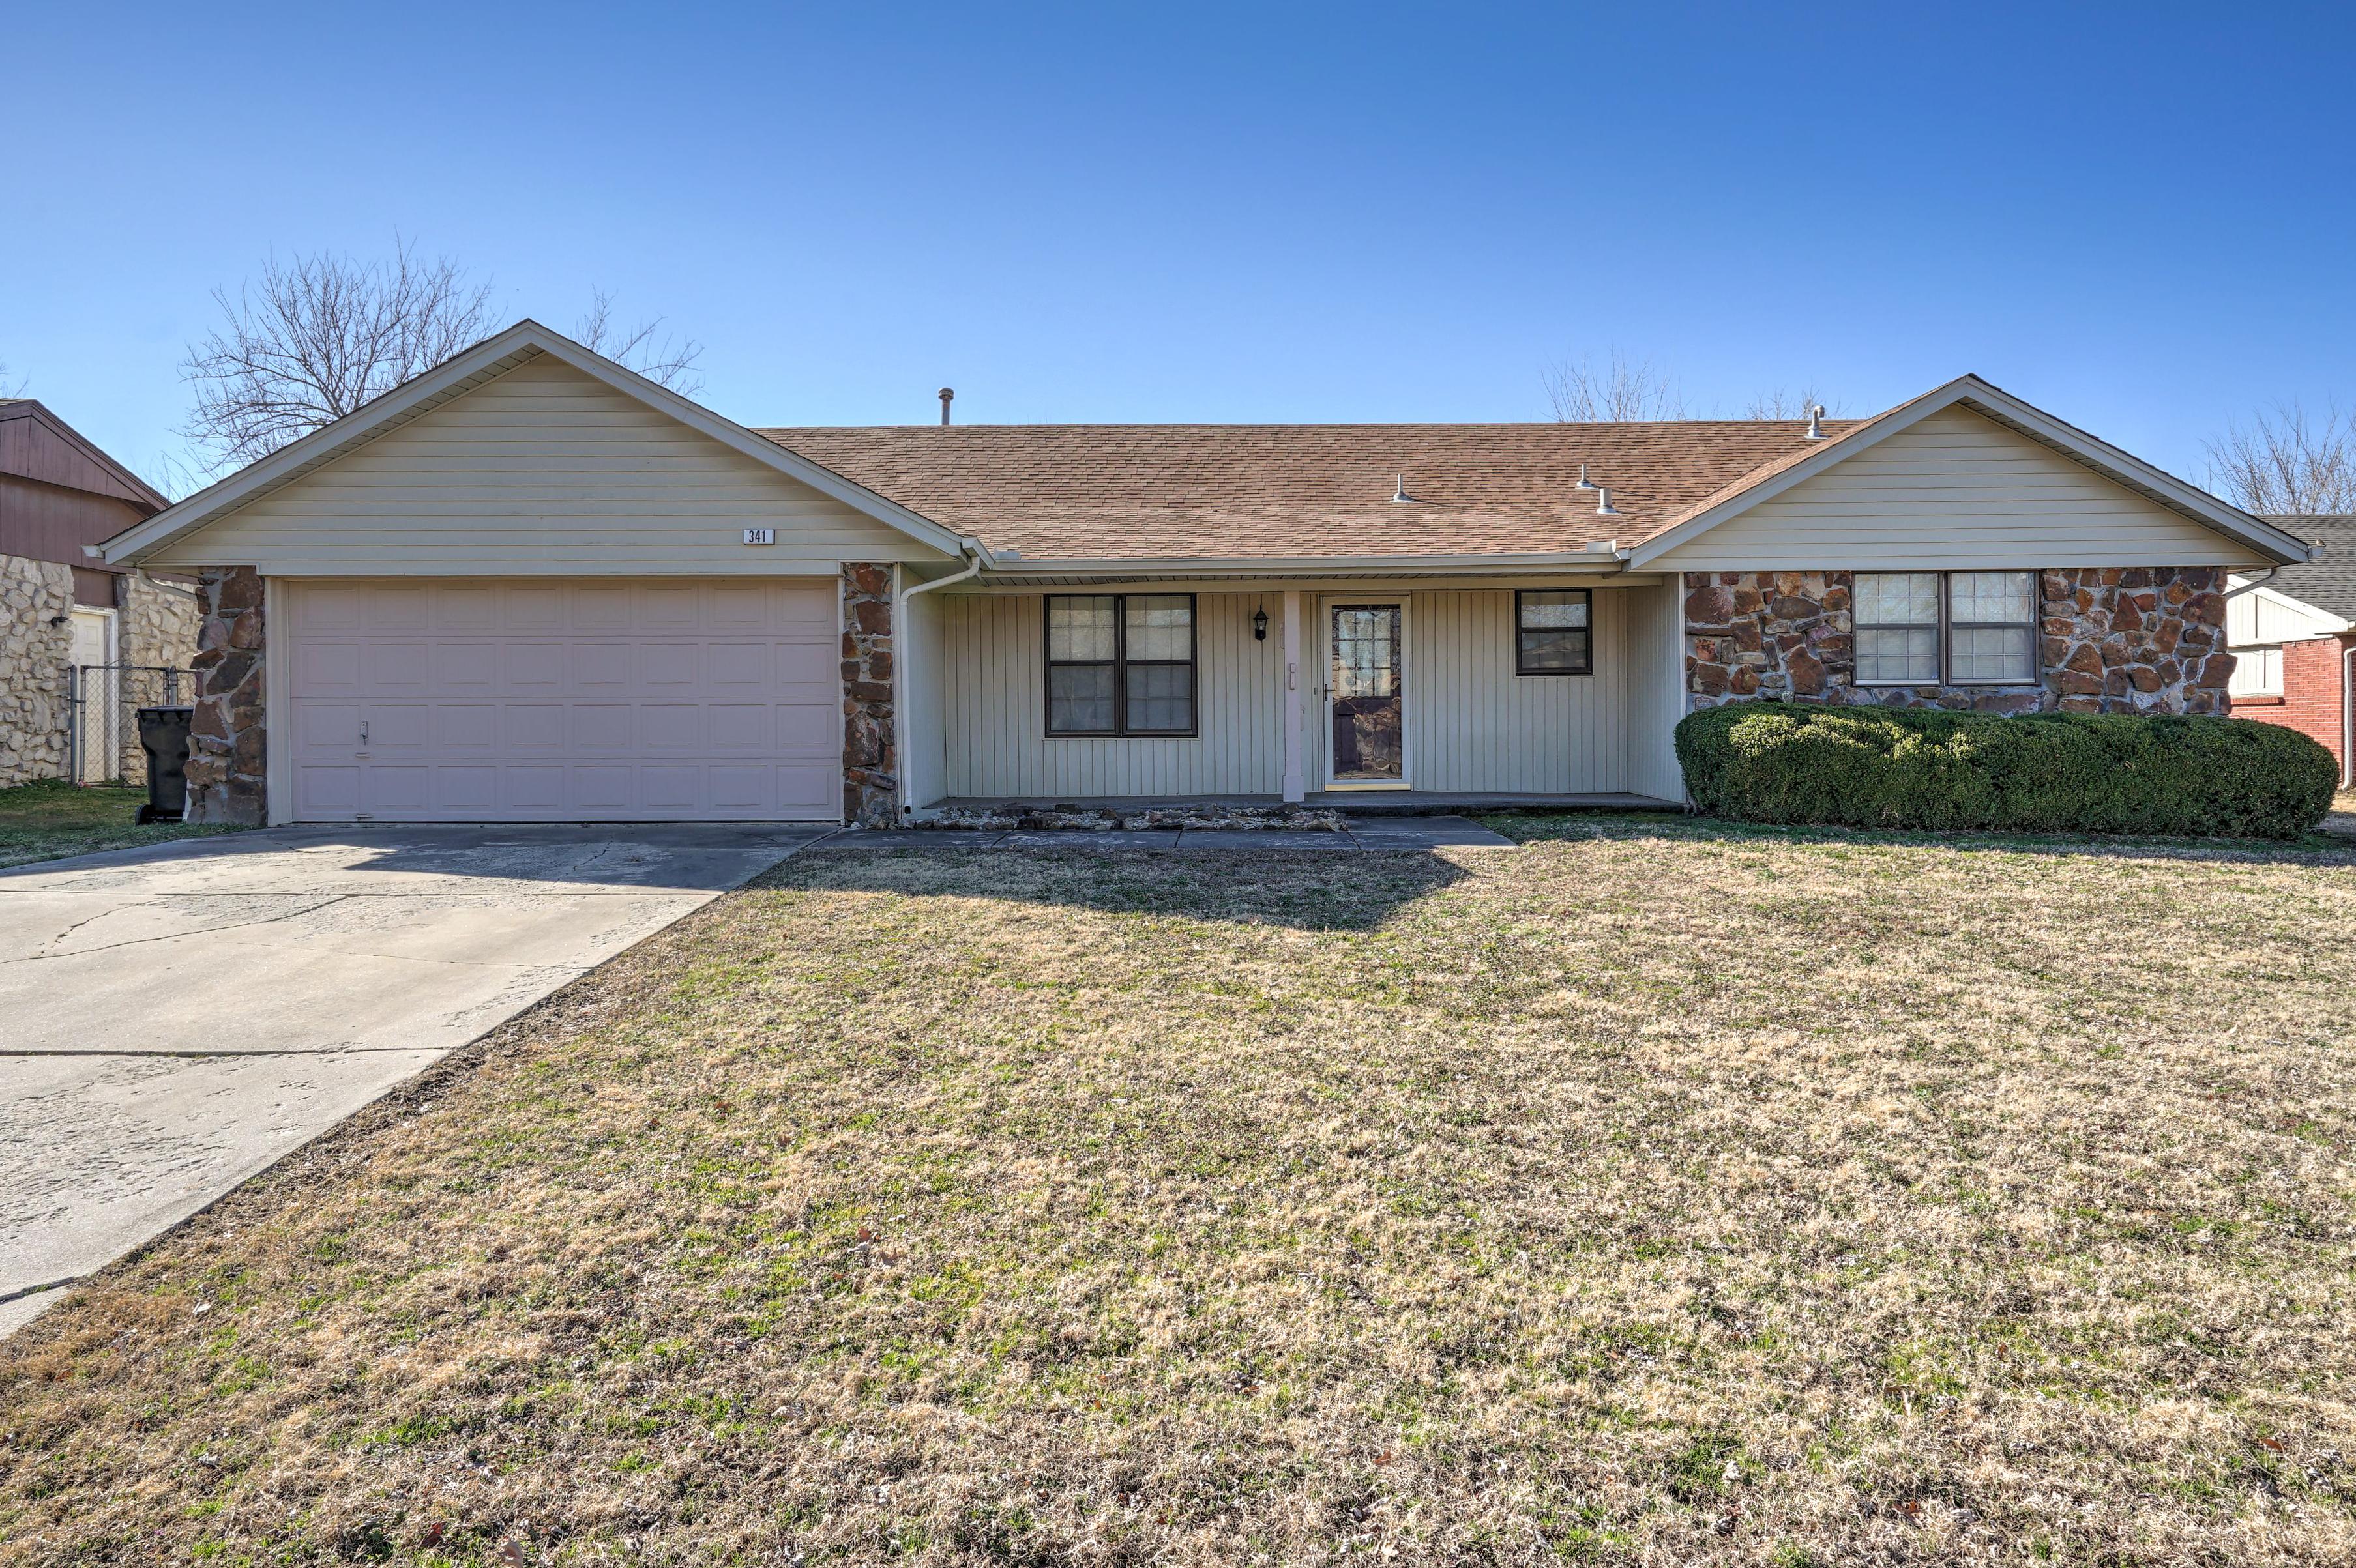 341 W Waco Place Property Photo 1